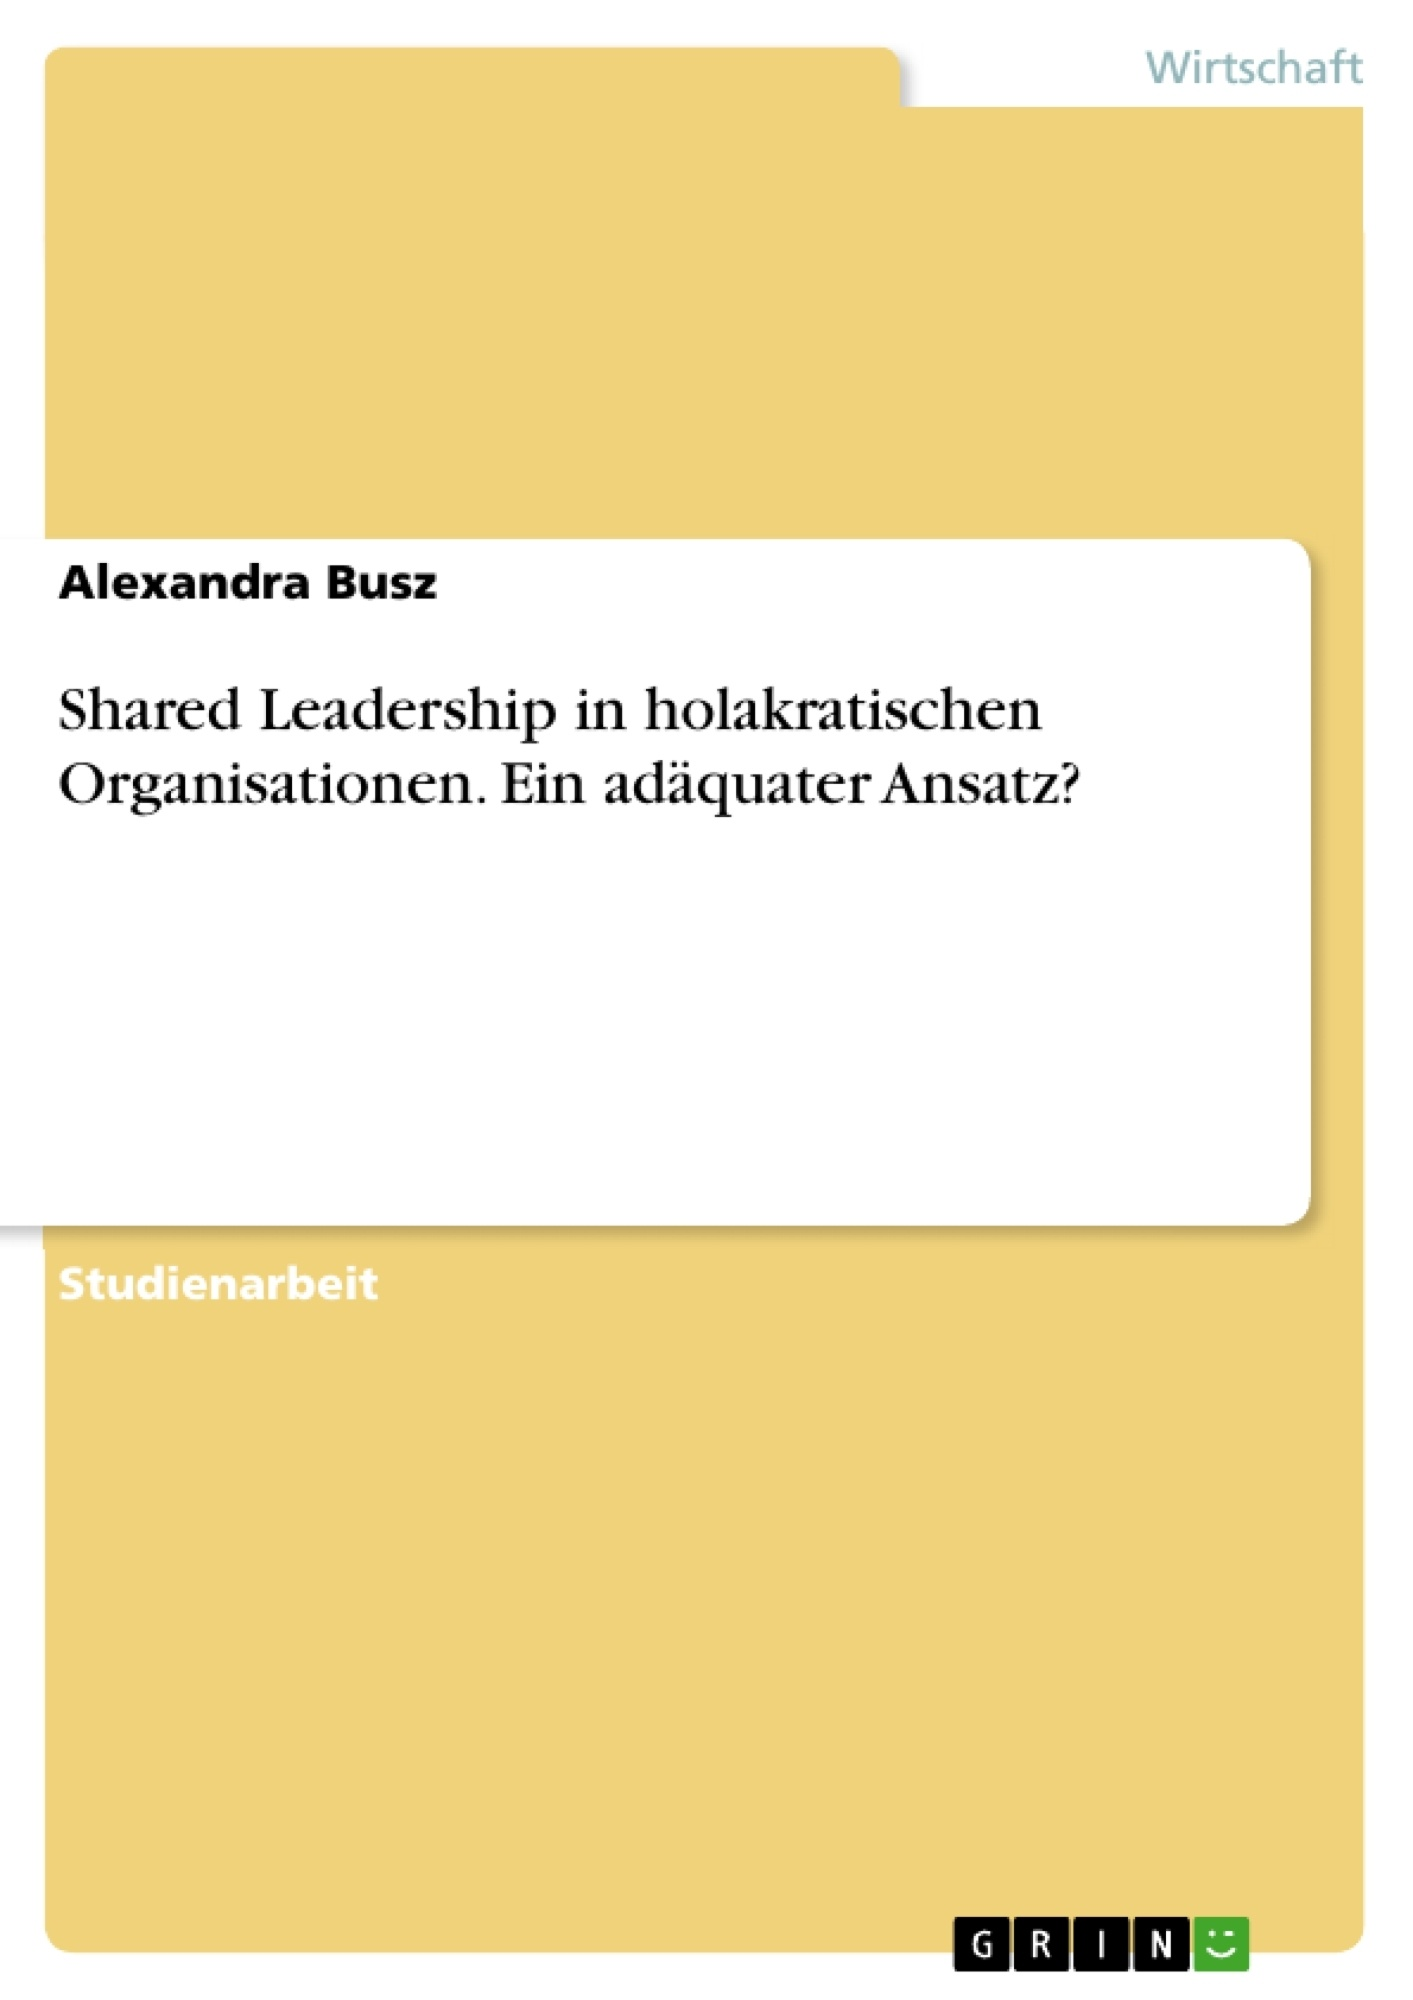 Titel: Shared Leadership in holakratischen Organisationen. Ein adäquater Ansatz?